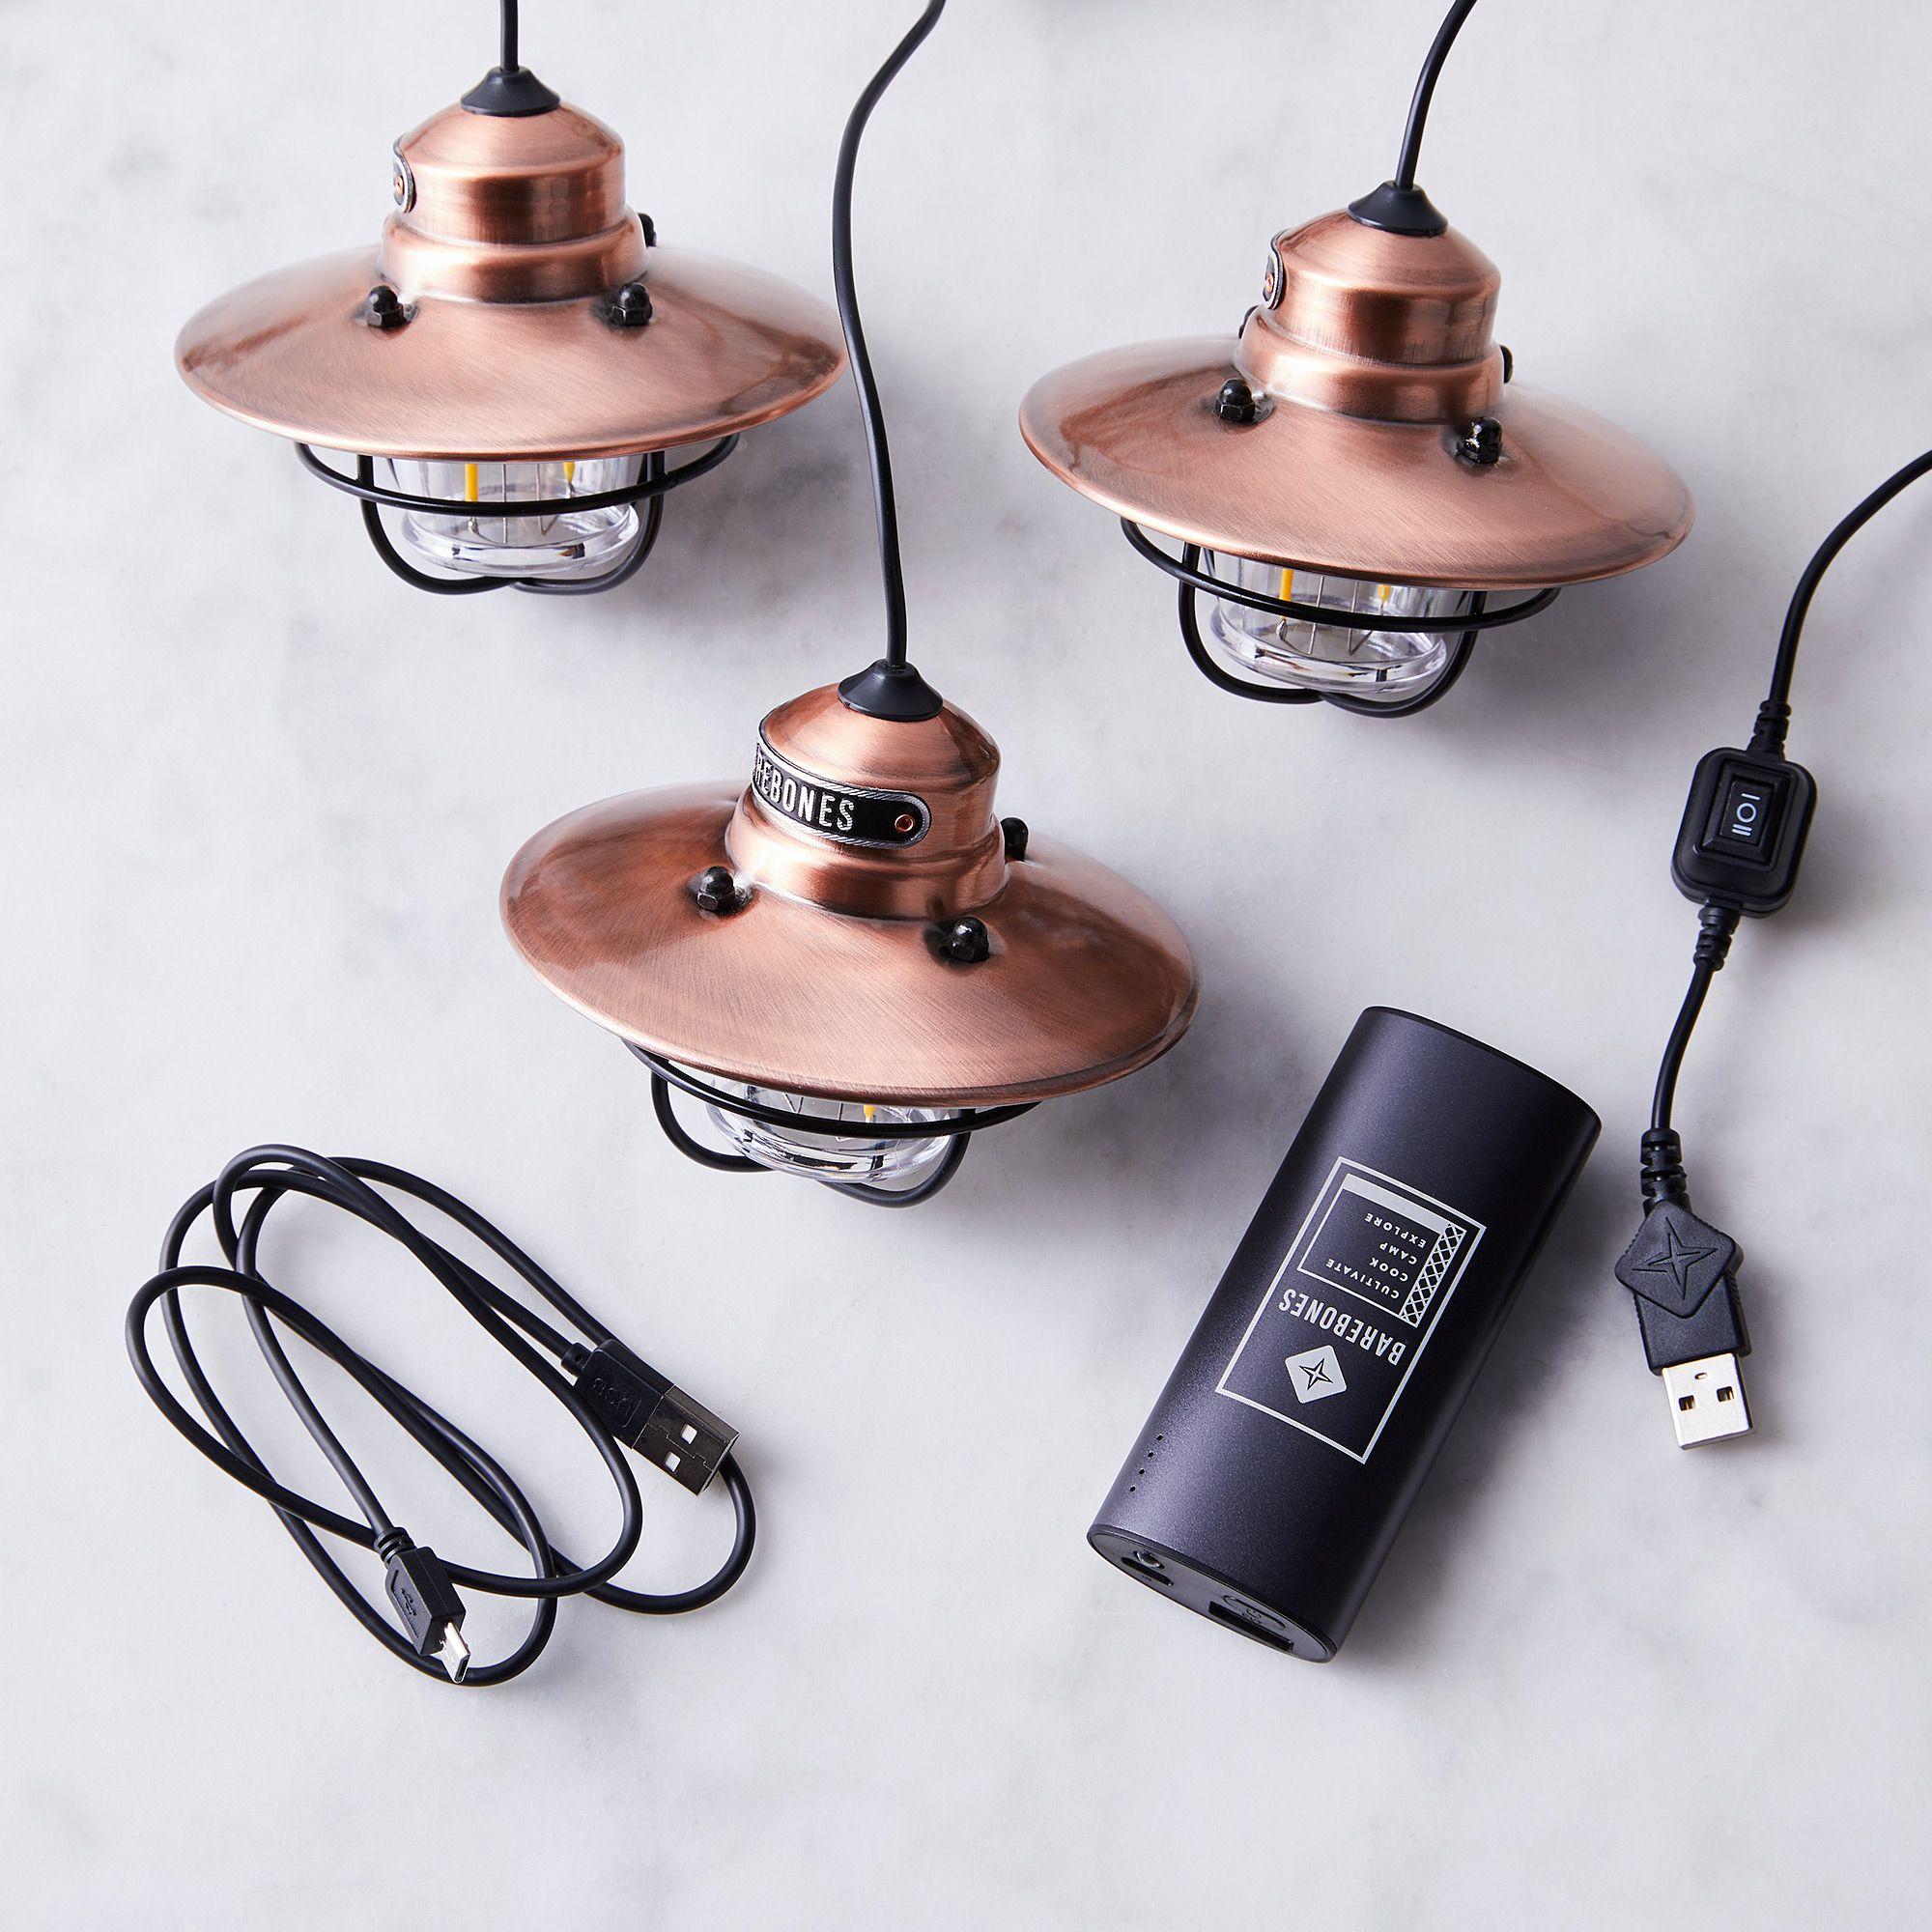 Barebones Livingbarebones Living Edison String And Pendant Light String Light Portable Charger Copper Dailymail